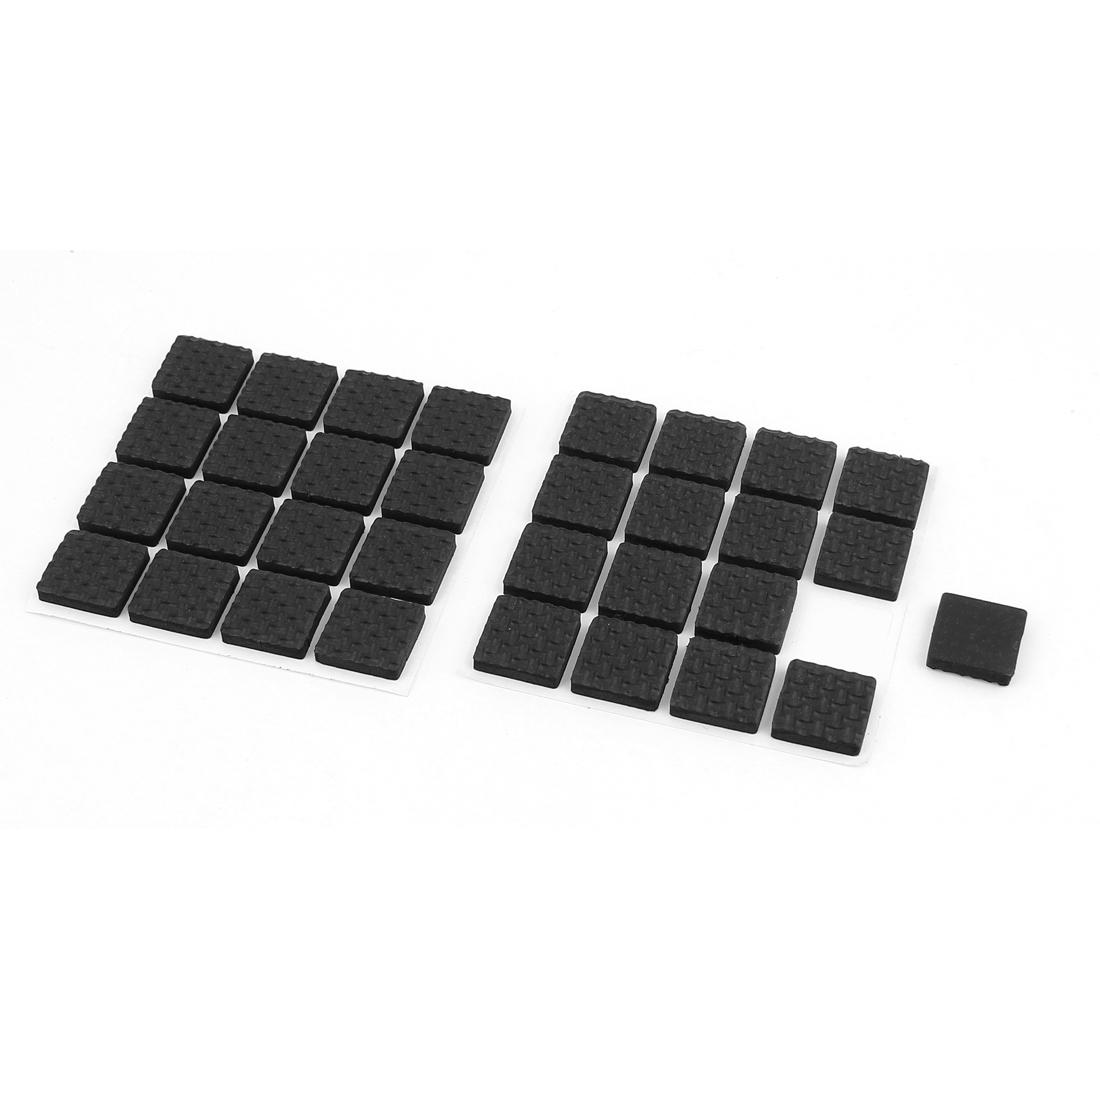 Furniture Feet Antiskid Adhesive Protection Pads Felt Floor Protector Black 32 Pcs